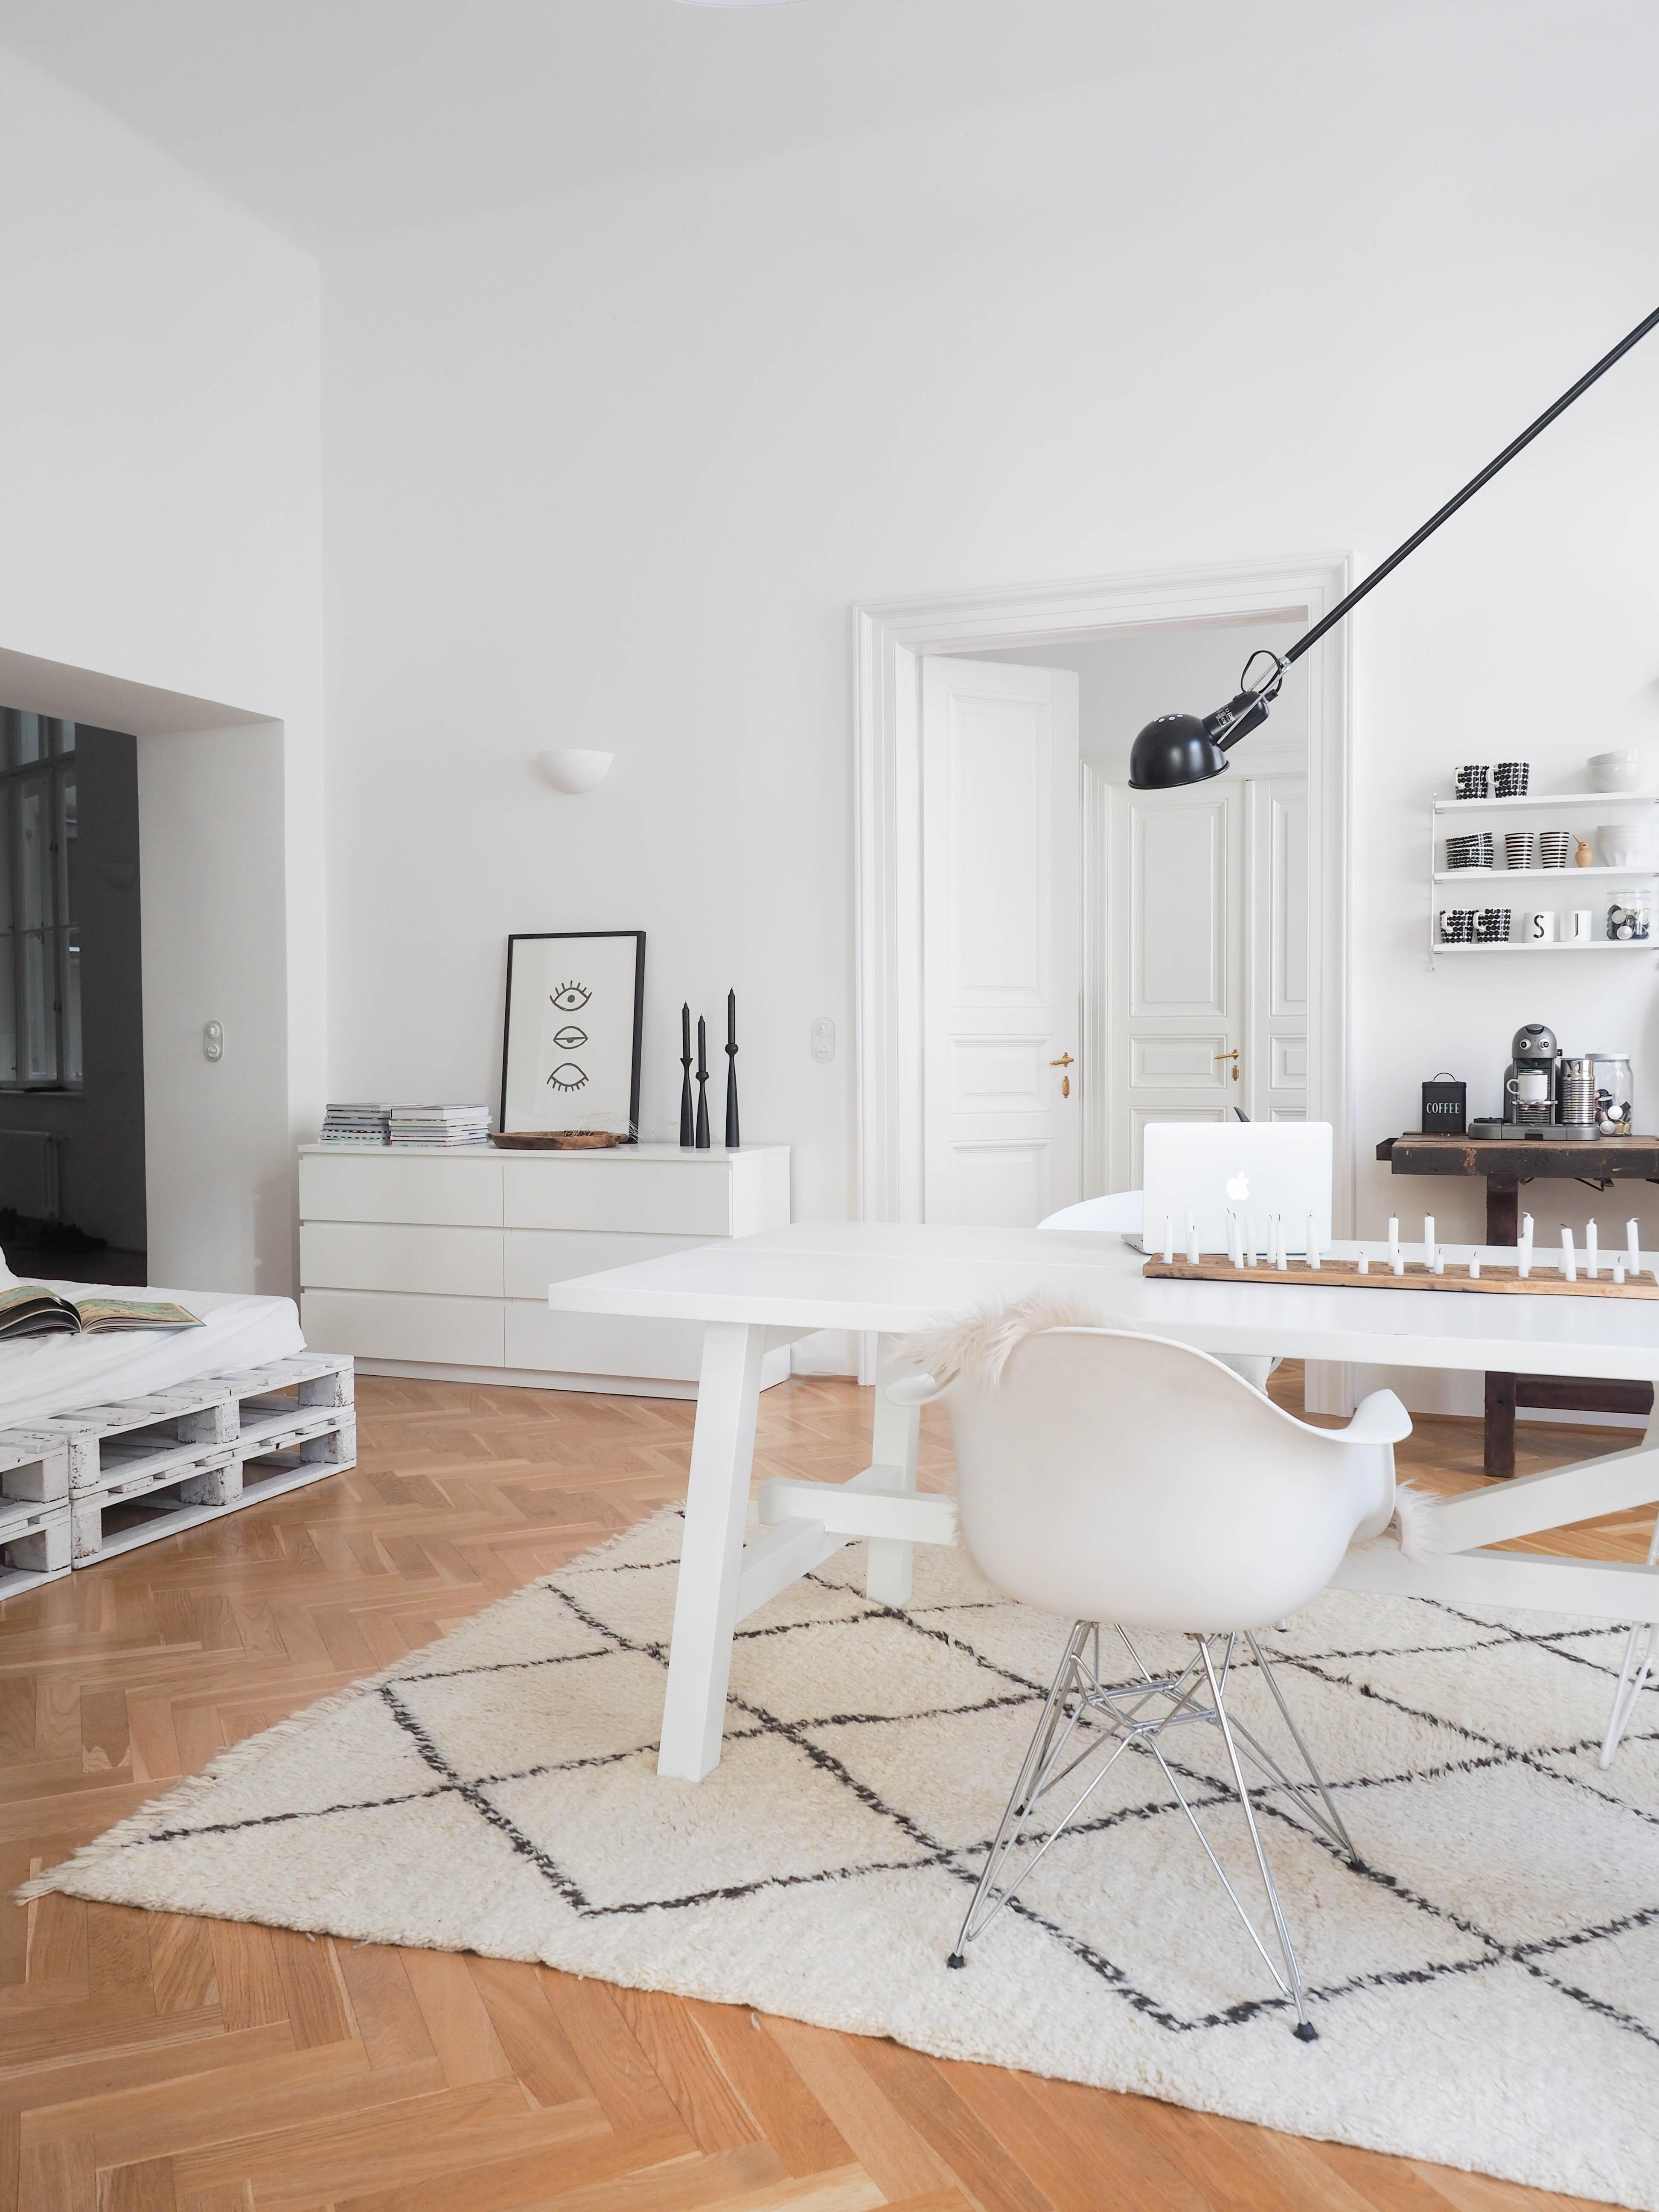 how to wie man sein einrichtungskonzept verteidigt alles was es gibt gibt es auch in sch n. Black Bedroom Furniture Sets. Home Design Ideas